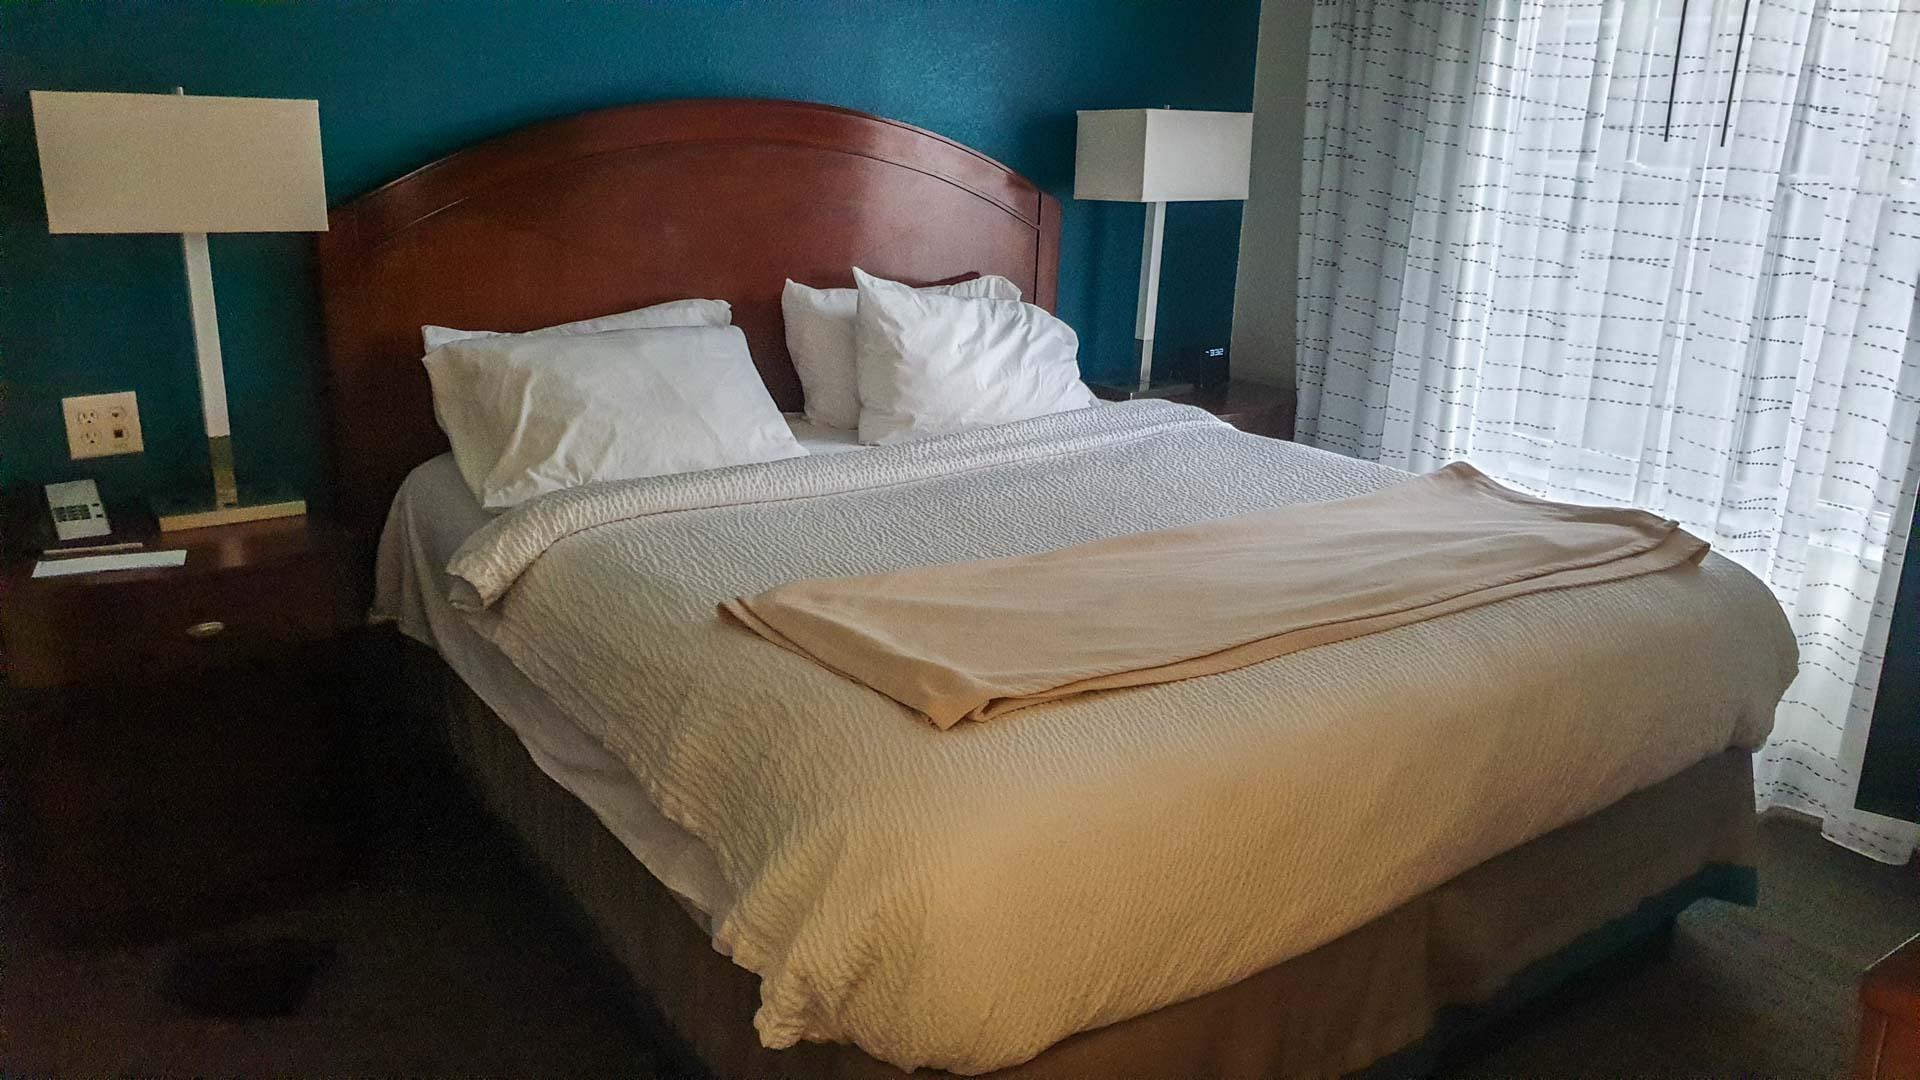 King Tamaño cama no noso apartamento provisional en Milford